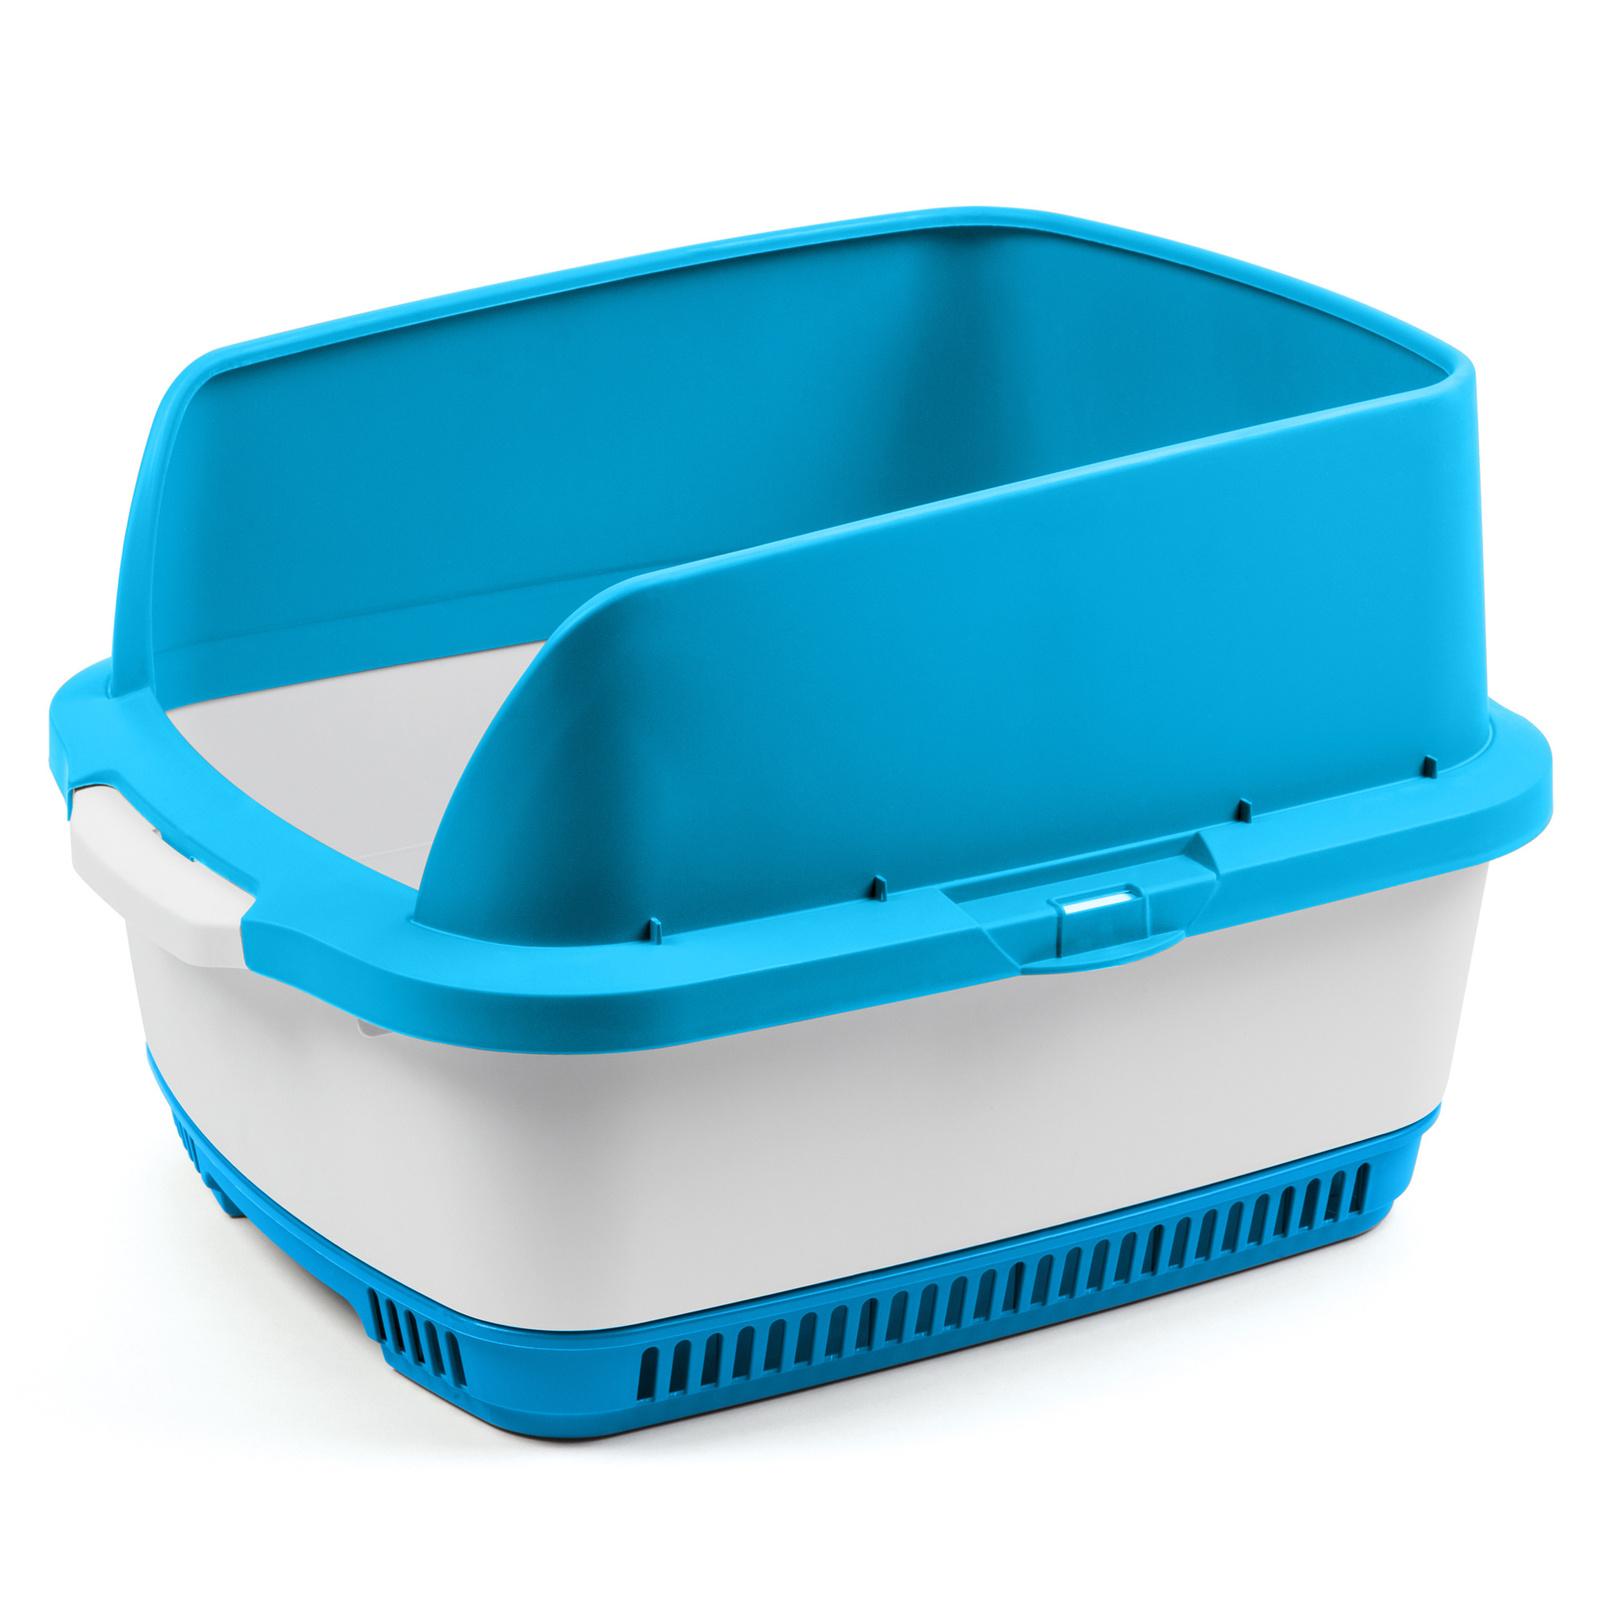 Набор Cateco: туалет, бортики, совок, 10 пеленок, голубой (3 кг)